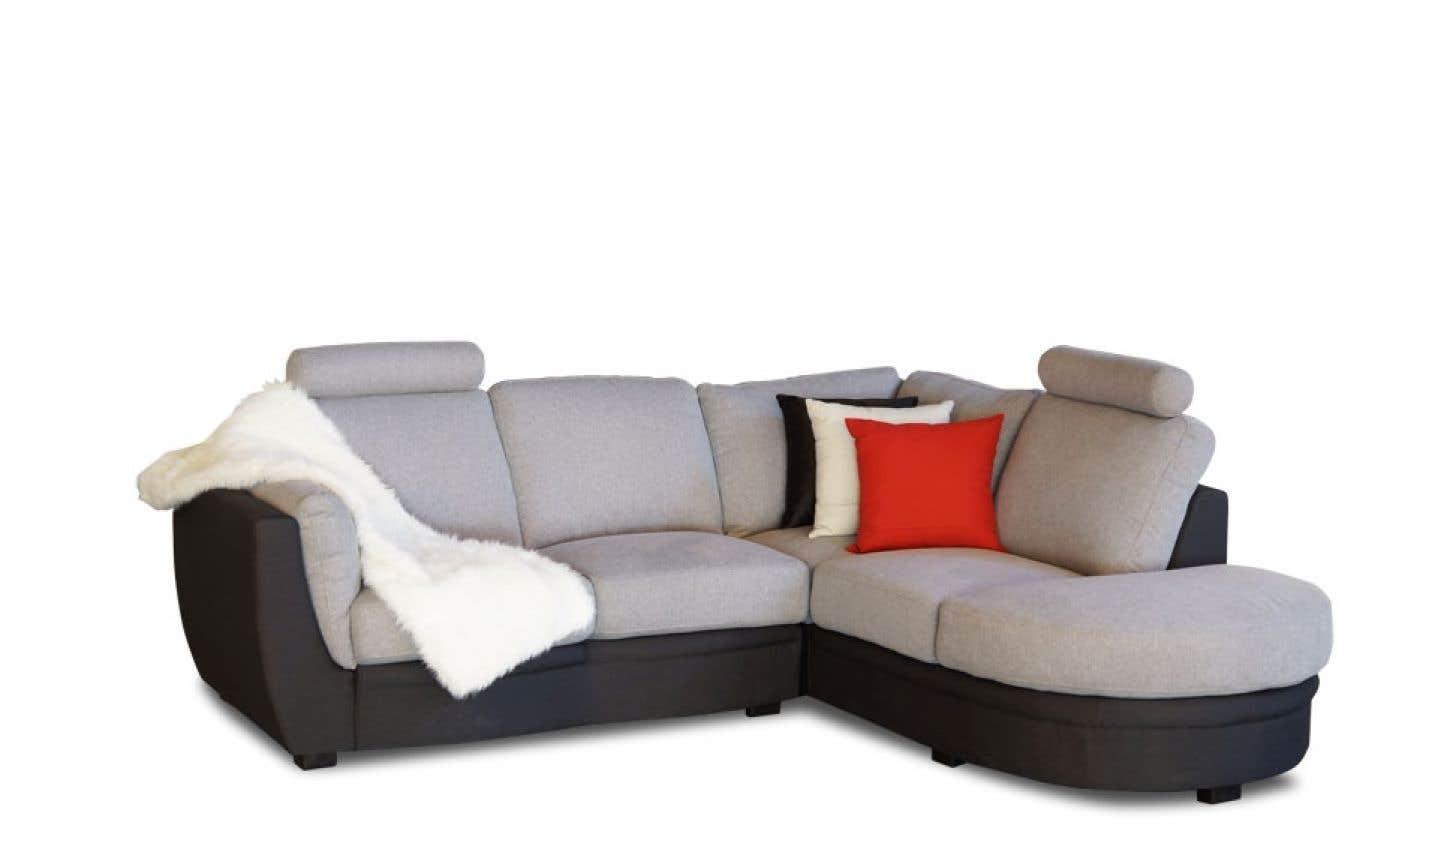 Les meubles Rodi sont conçus à Longueuil par les designers de la compagnie.